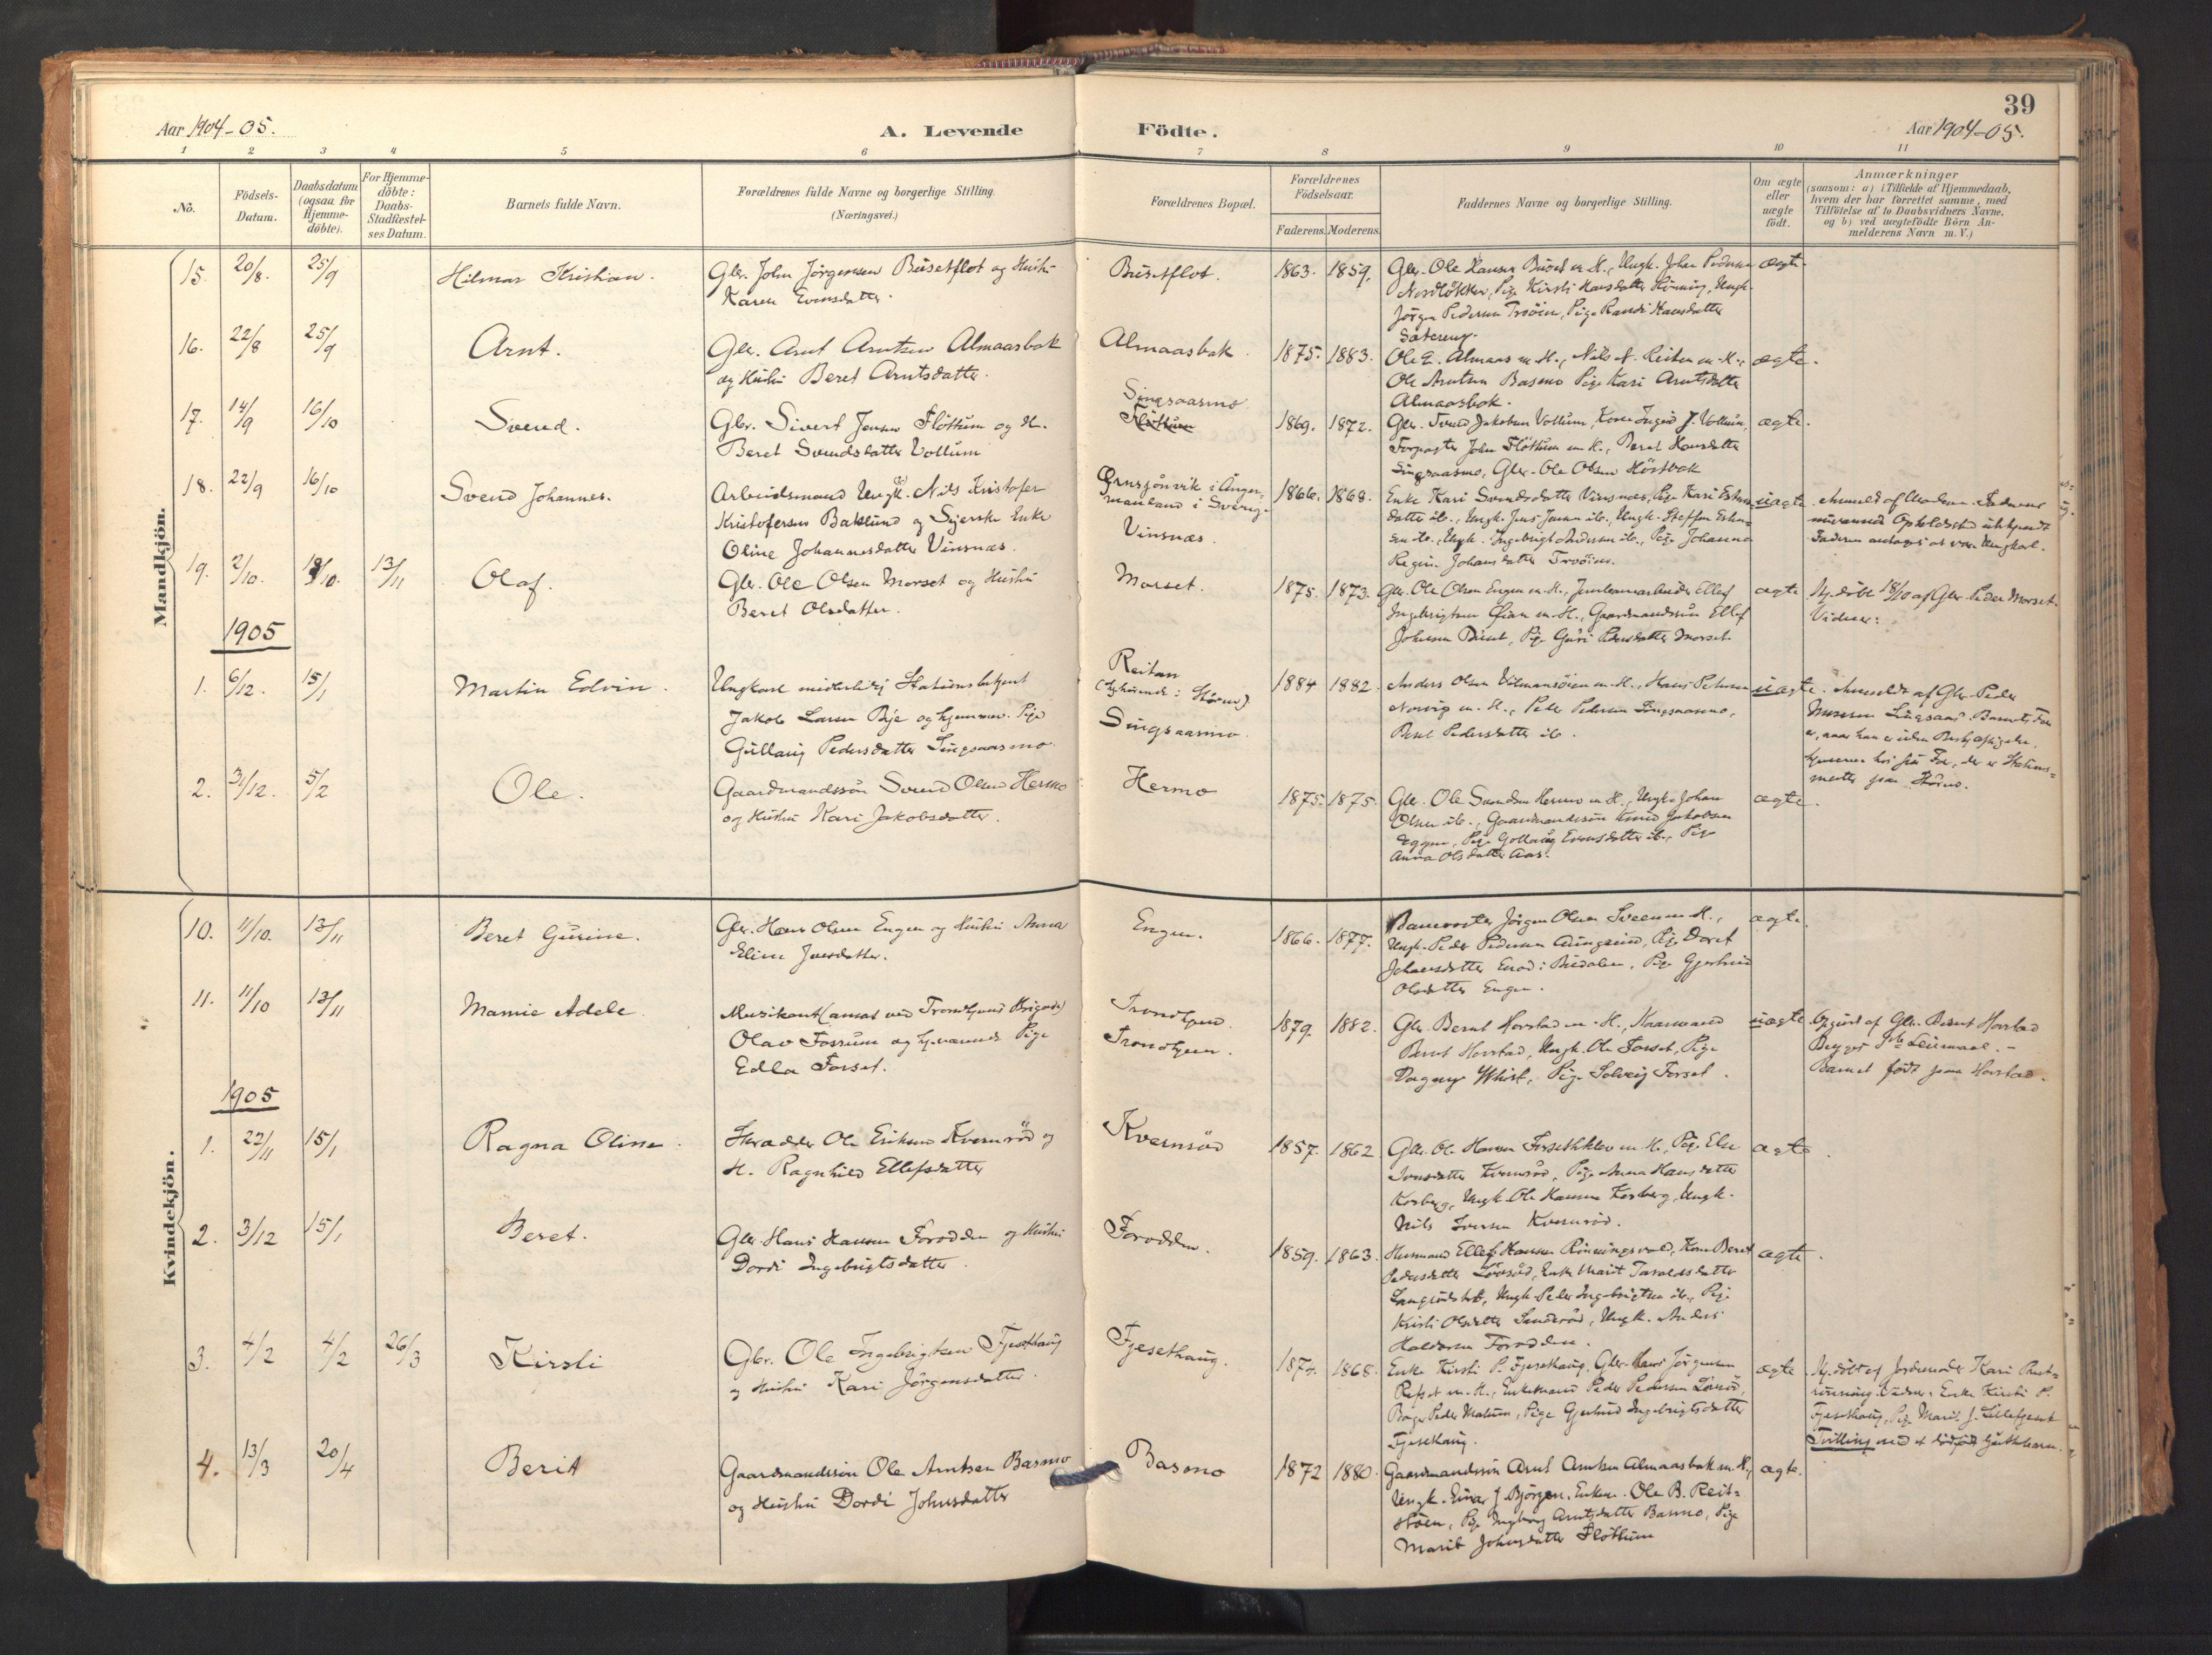 SAT, Ministerialprotokoller, klokkerbøker og fødselsregistre - Sør-Trøndelag, 688/L1025: Ministerialbok nr. 688A02, 1891-1909, s. 39